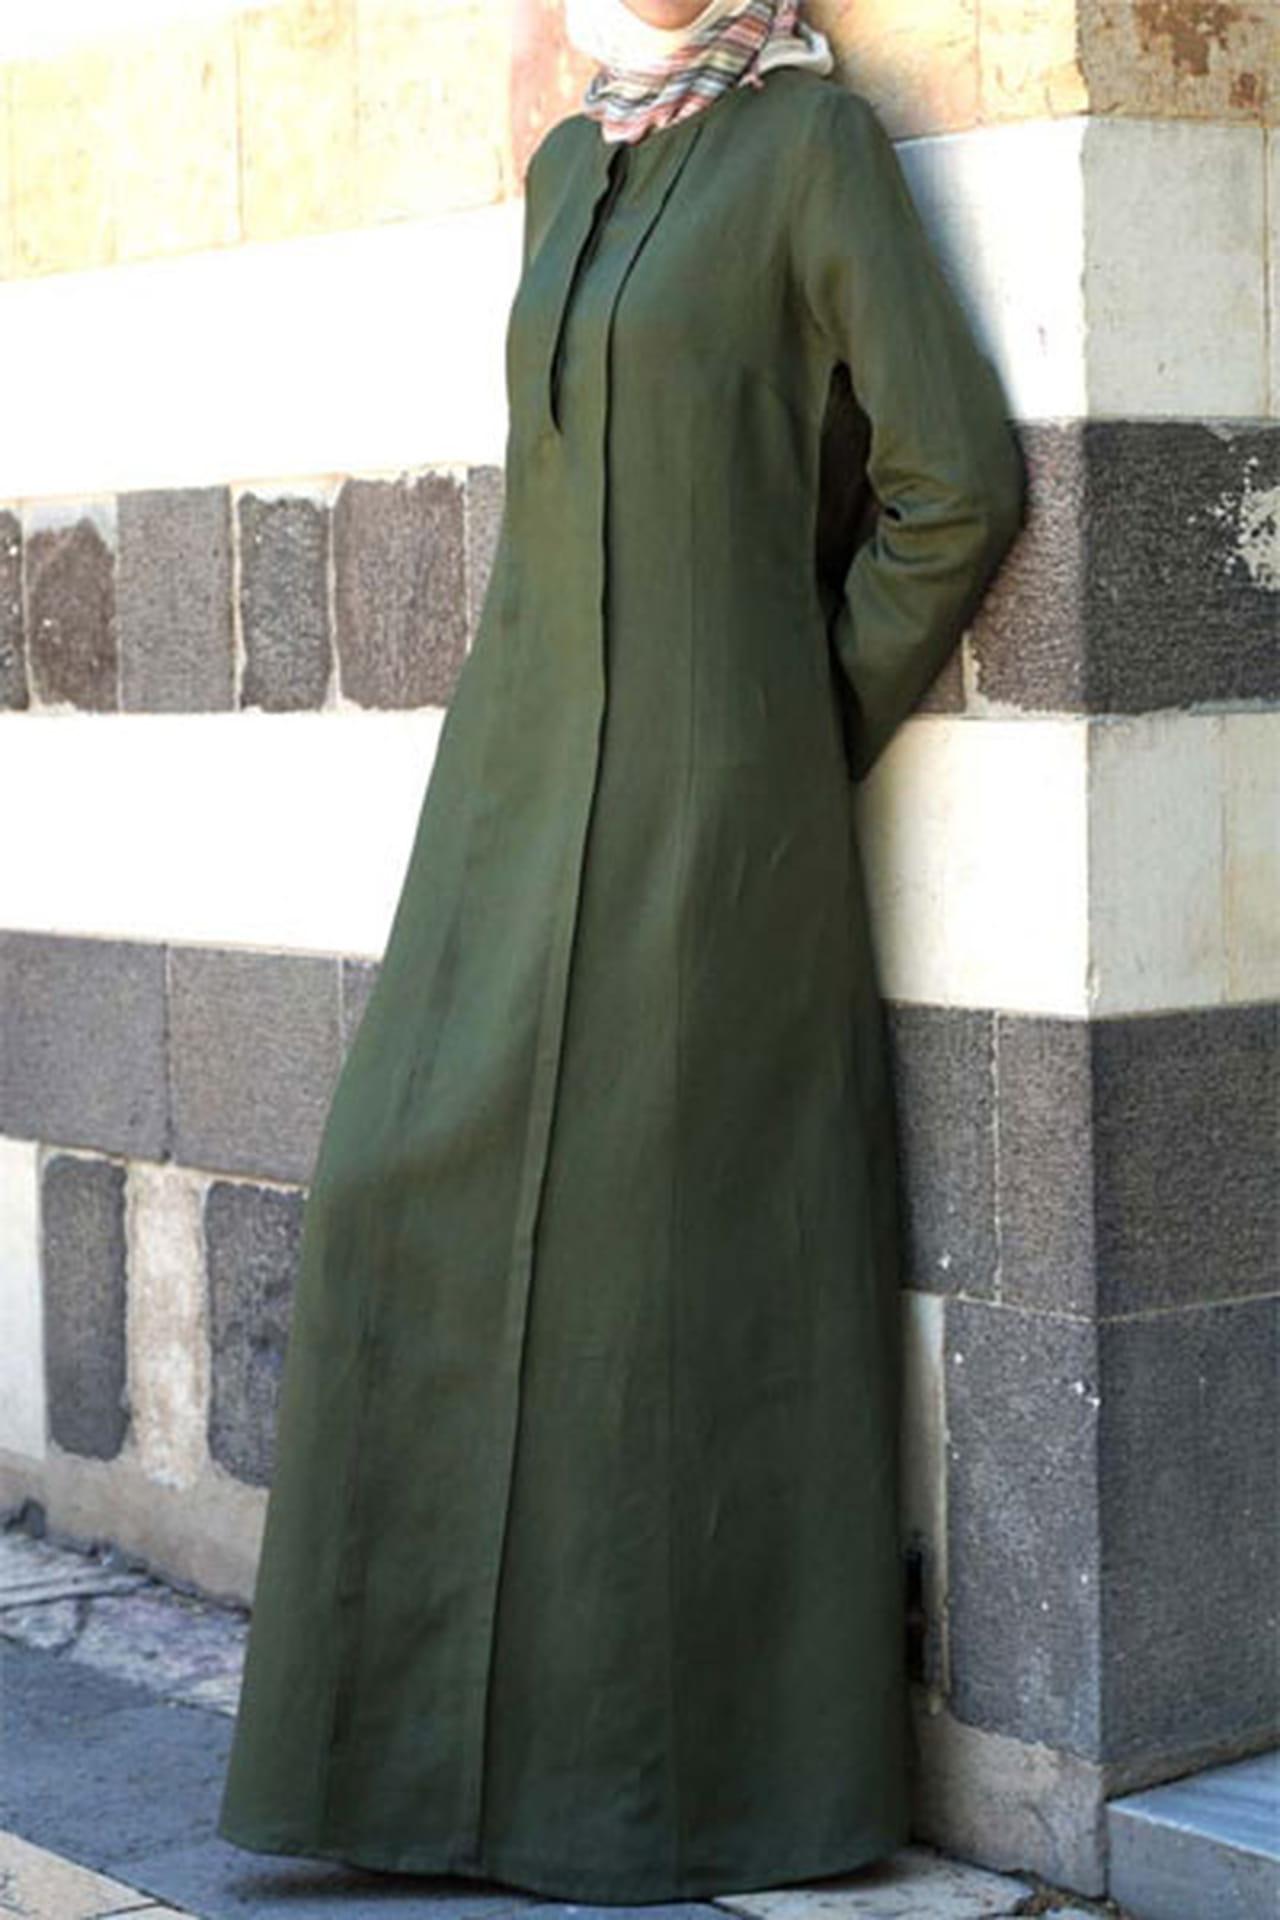 أناقة المرأة بأسلوب راقي  835126